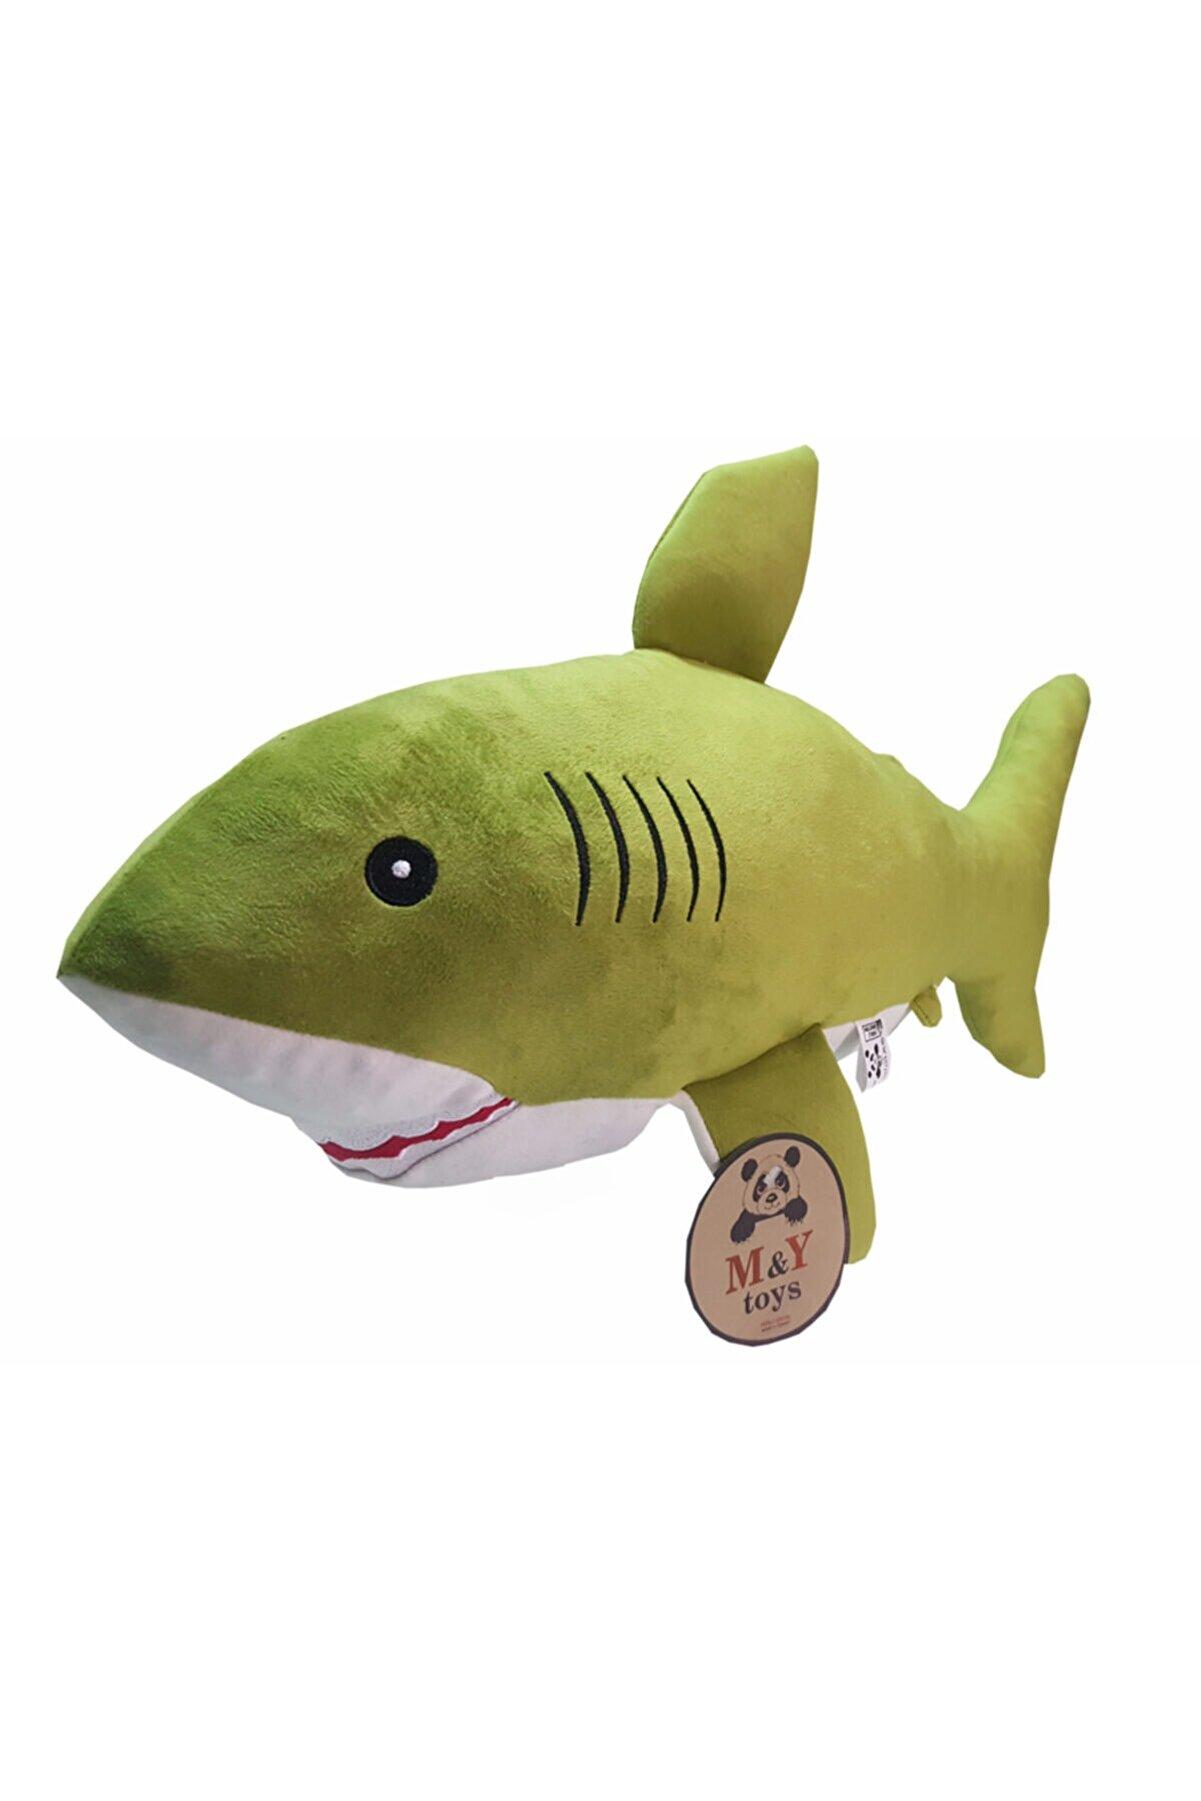 MY toys Uyku Arkadaşım Soft Köpek Balığı Yeşil - 75 Cm.